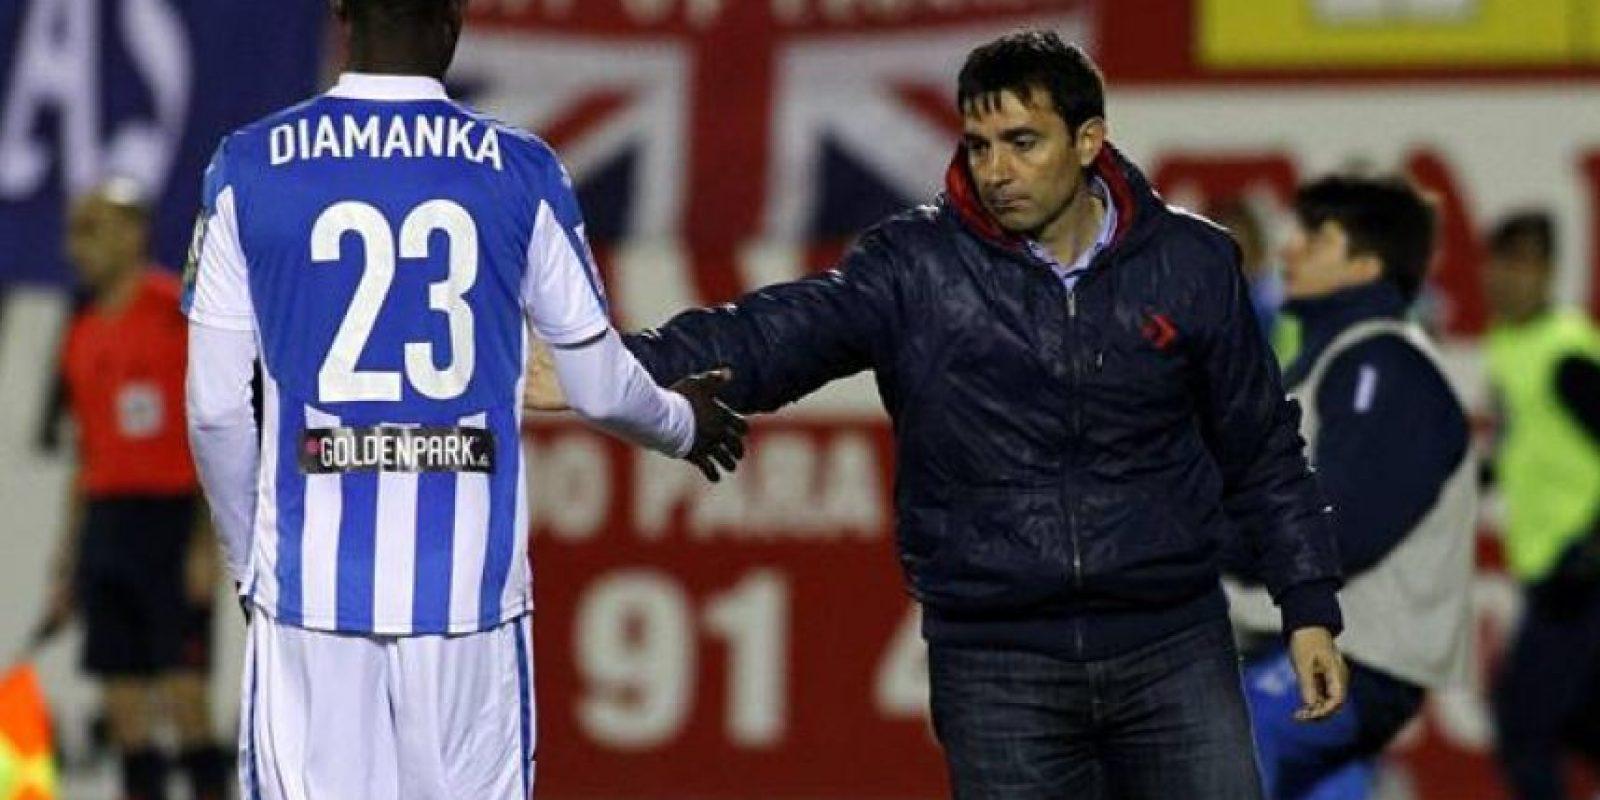 El Leganés es un equipo de la ciudad del mismo nombre que pertenece a la Comunidad de Madrid. Foto:Vía facebook.com/ClubDeportivoLeganes